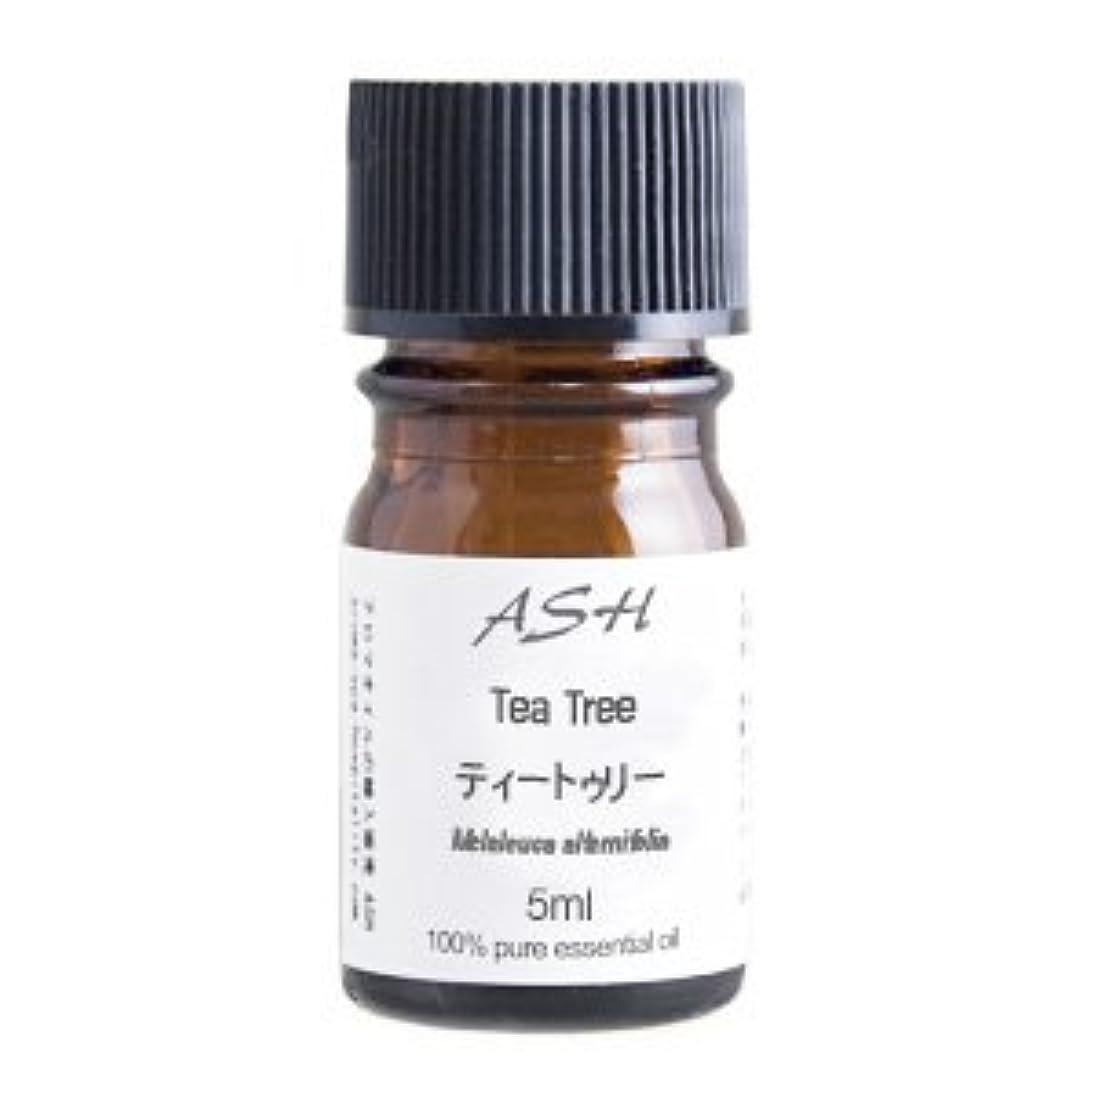 シールヶ月目今日ASH ティートゥリー (ティーツリー) エッセンシャルオイル 5ml AEAJ表示基準適合認定精油